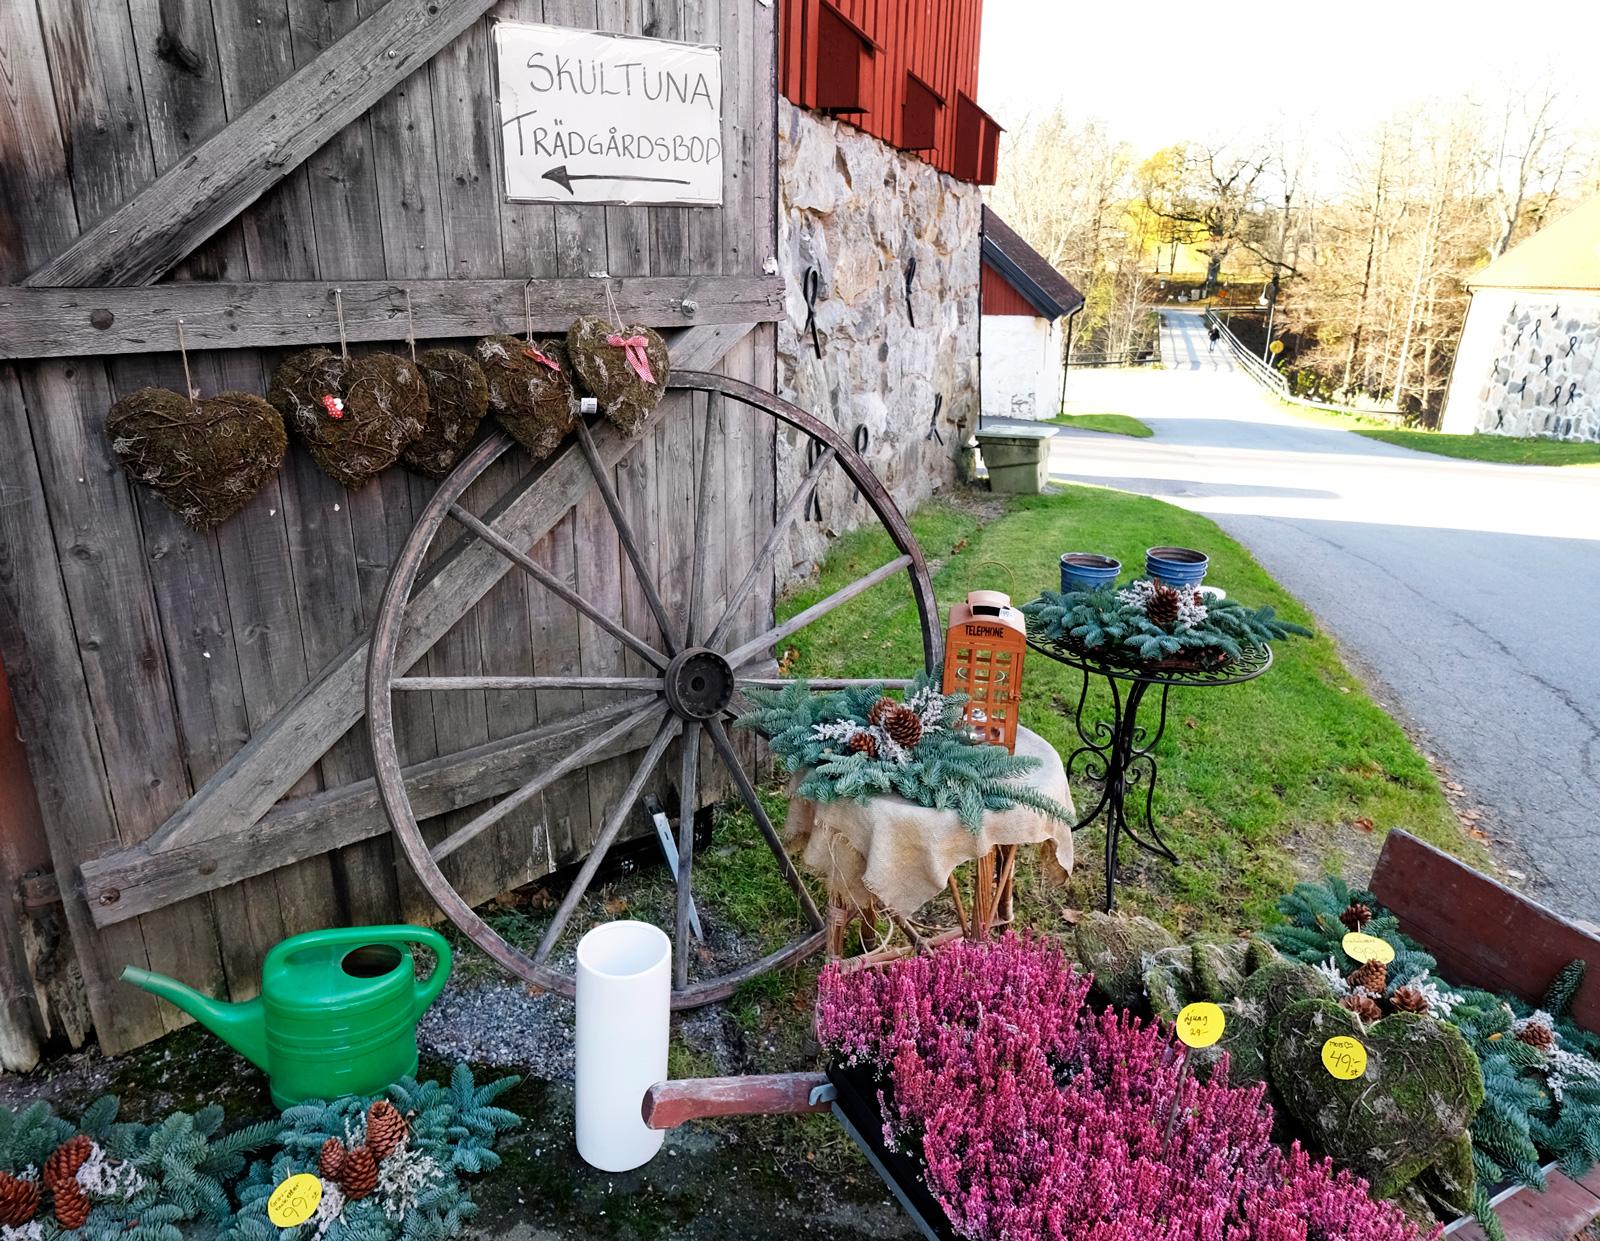 I närheten finns en butik med blommor och kreativ inredning.